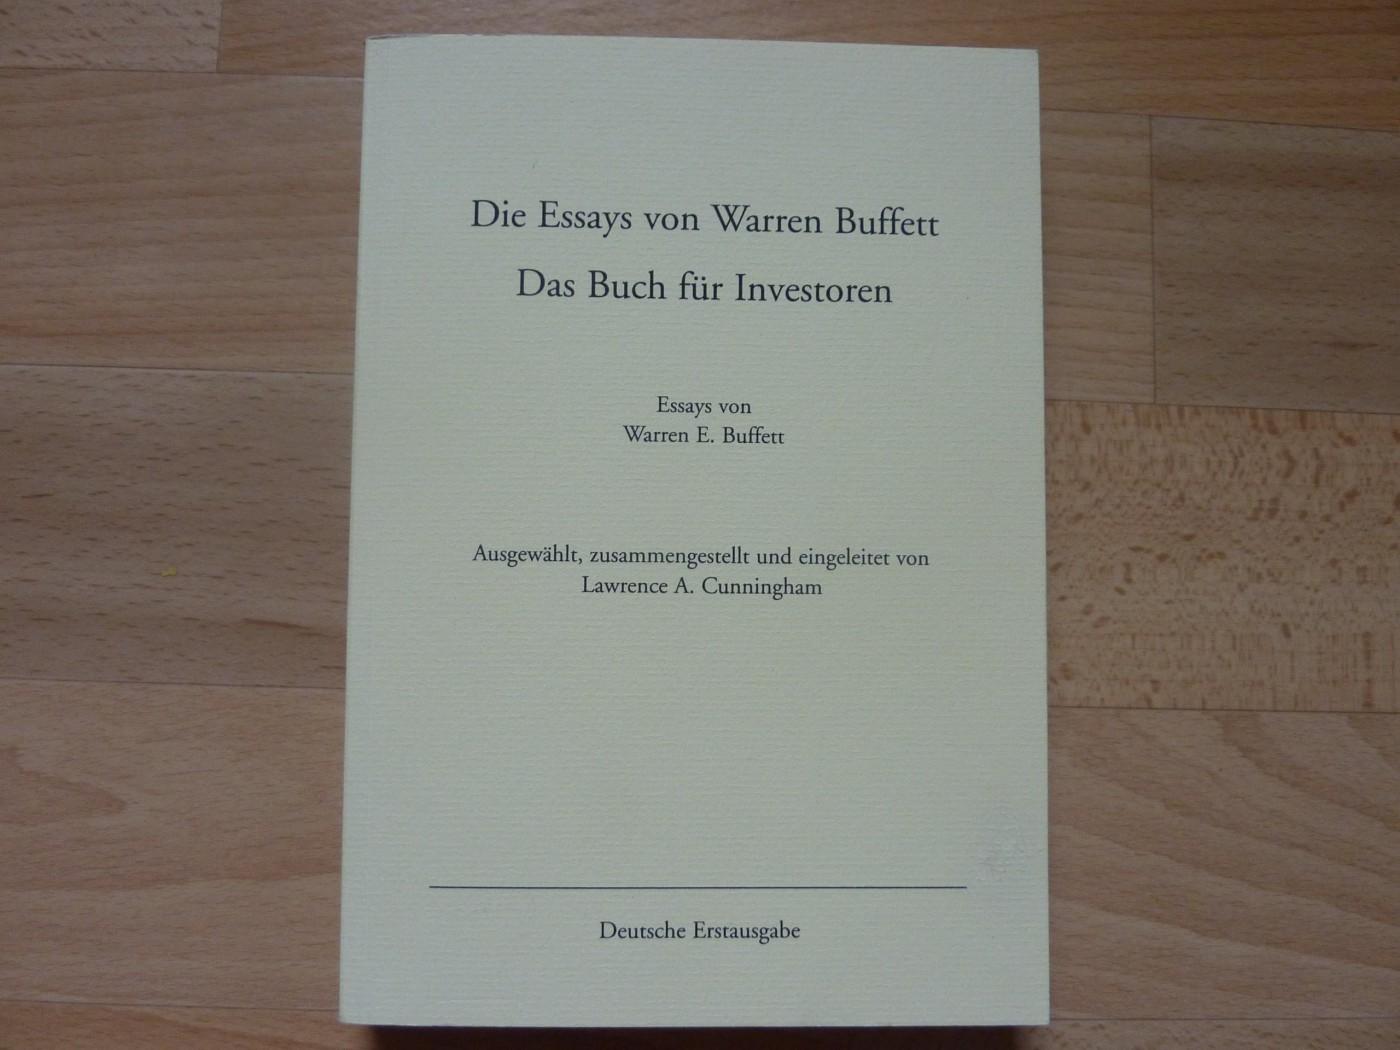 010 9152otplypl Essay Example Die Essays Von Warren Archaicawful Buffett Das Buch Für Investoren Und Unternehmer Pdf 1400